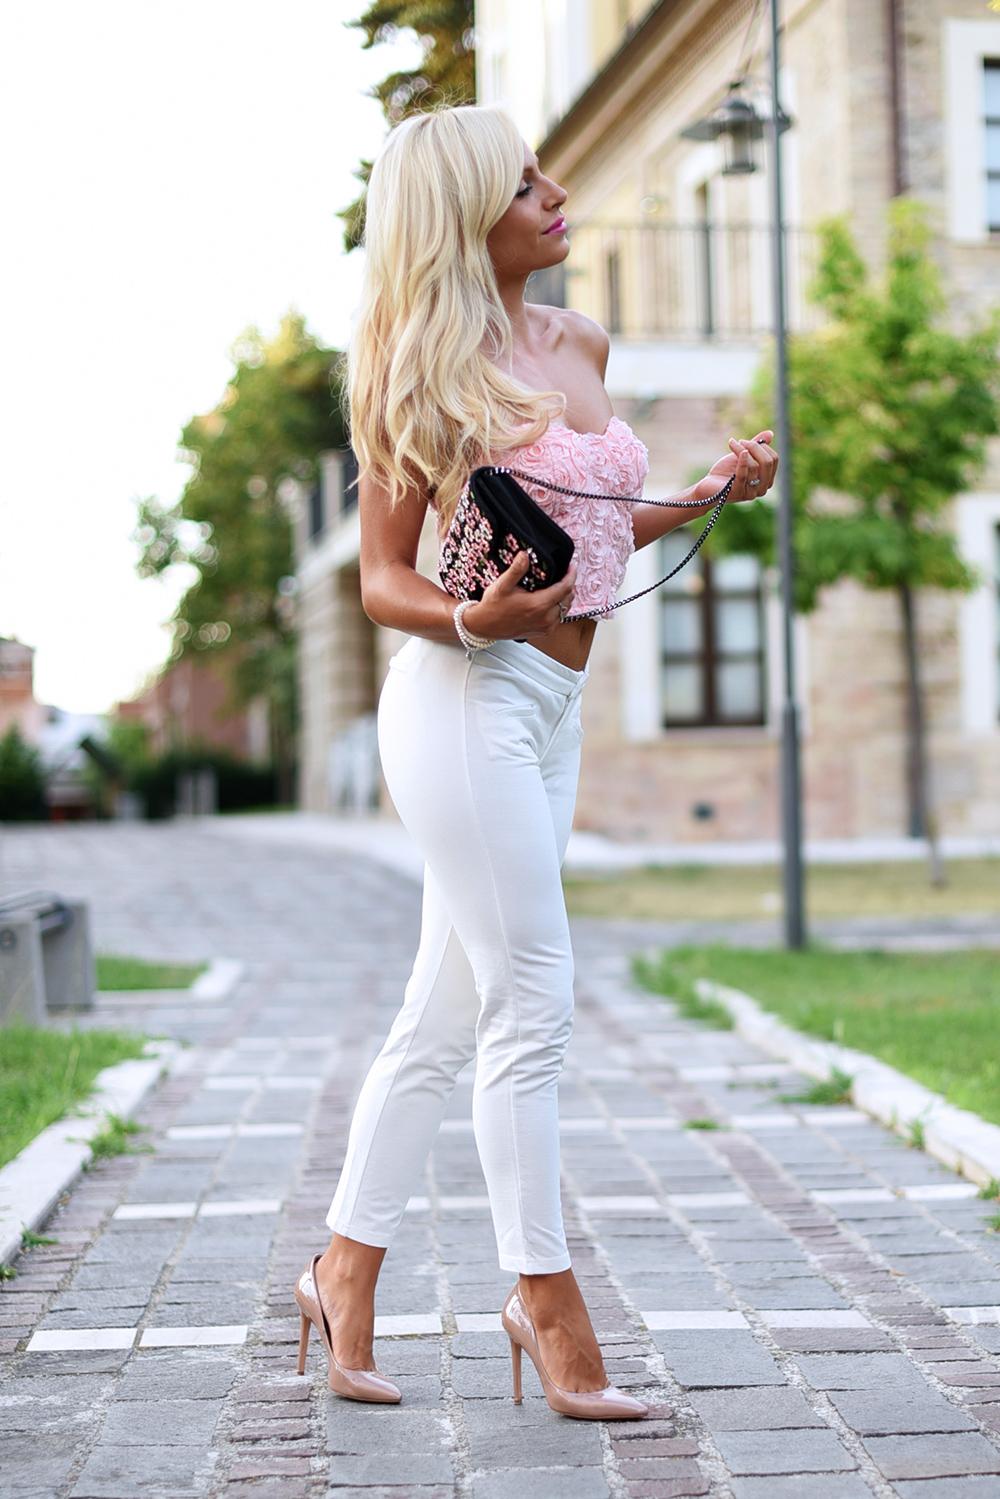 Lookbook Store abbigliamento spedizioni, LookBook store Italia affidabilità, how to wear white pants, come indossare i pantaloni bianchi, pantaloni bianchi outfit idea estate - fashion blogger It-Girl by Eleonora Petrella